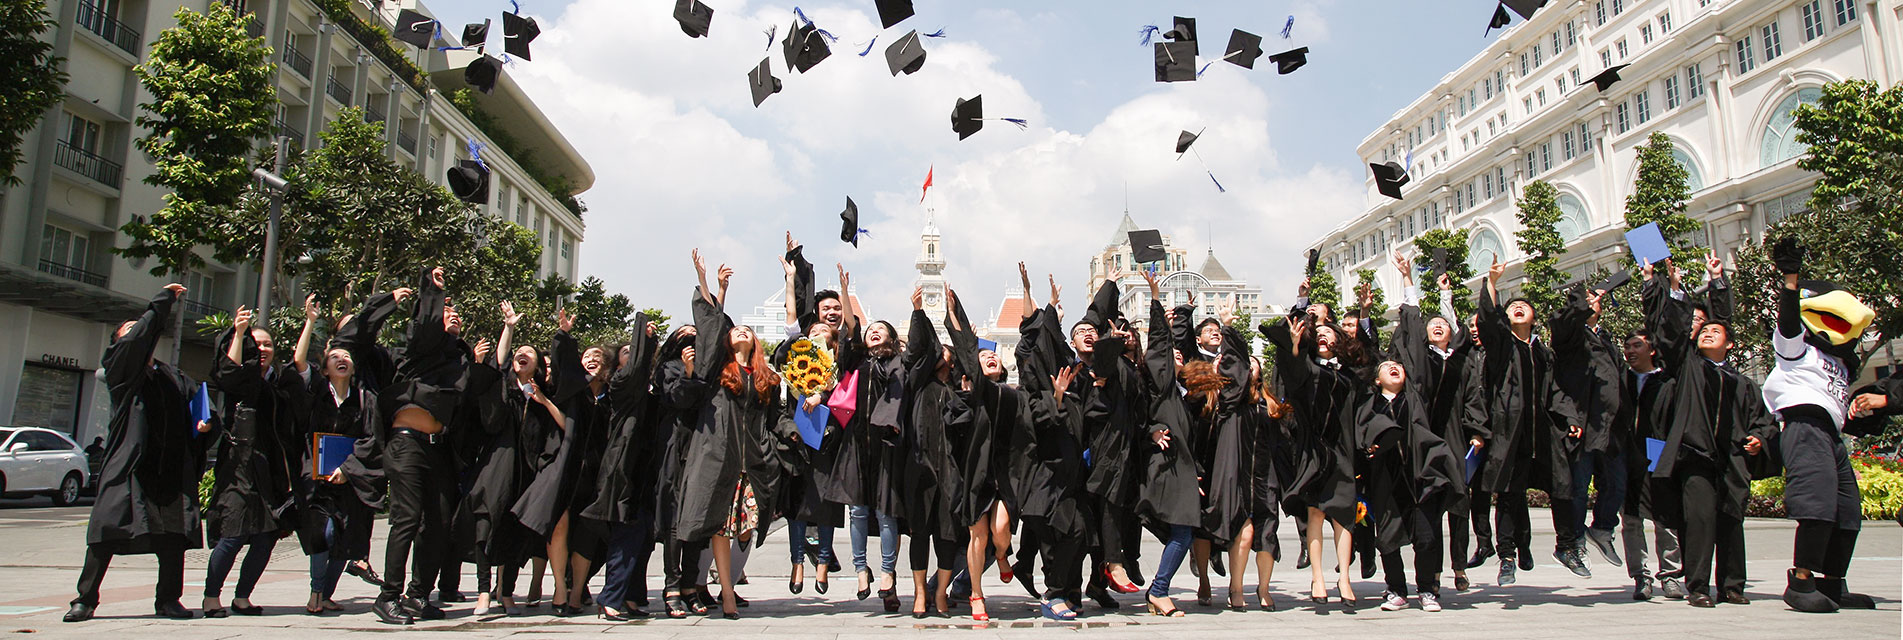 le tot nghiep broward college